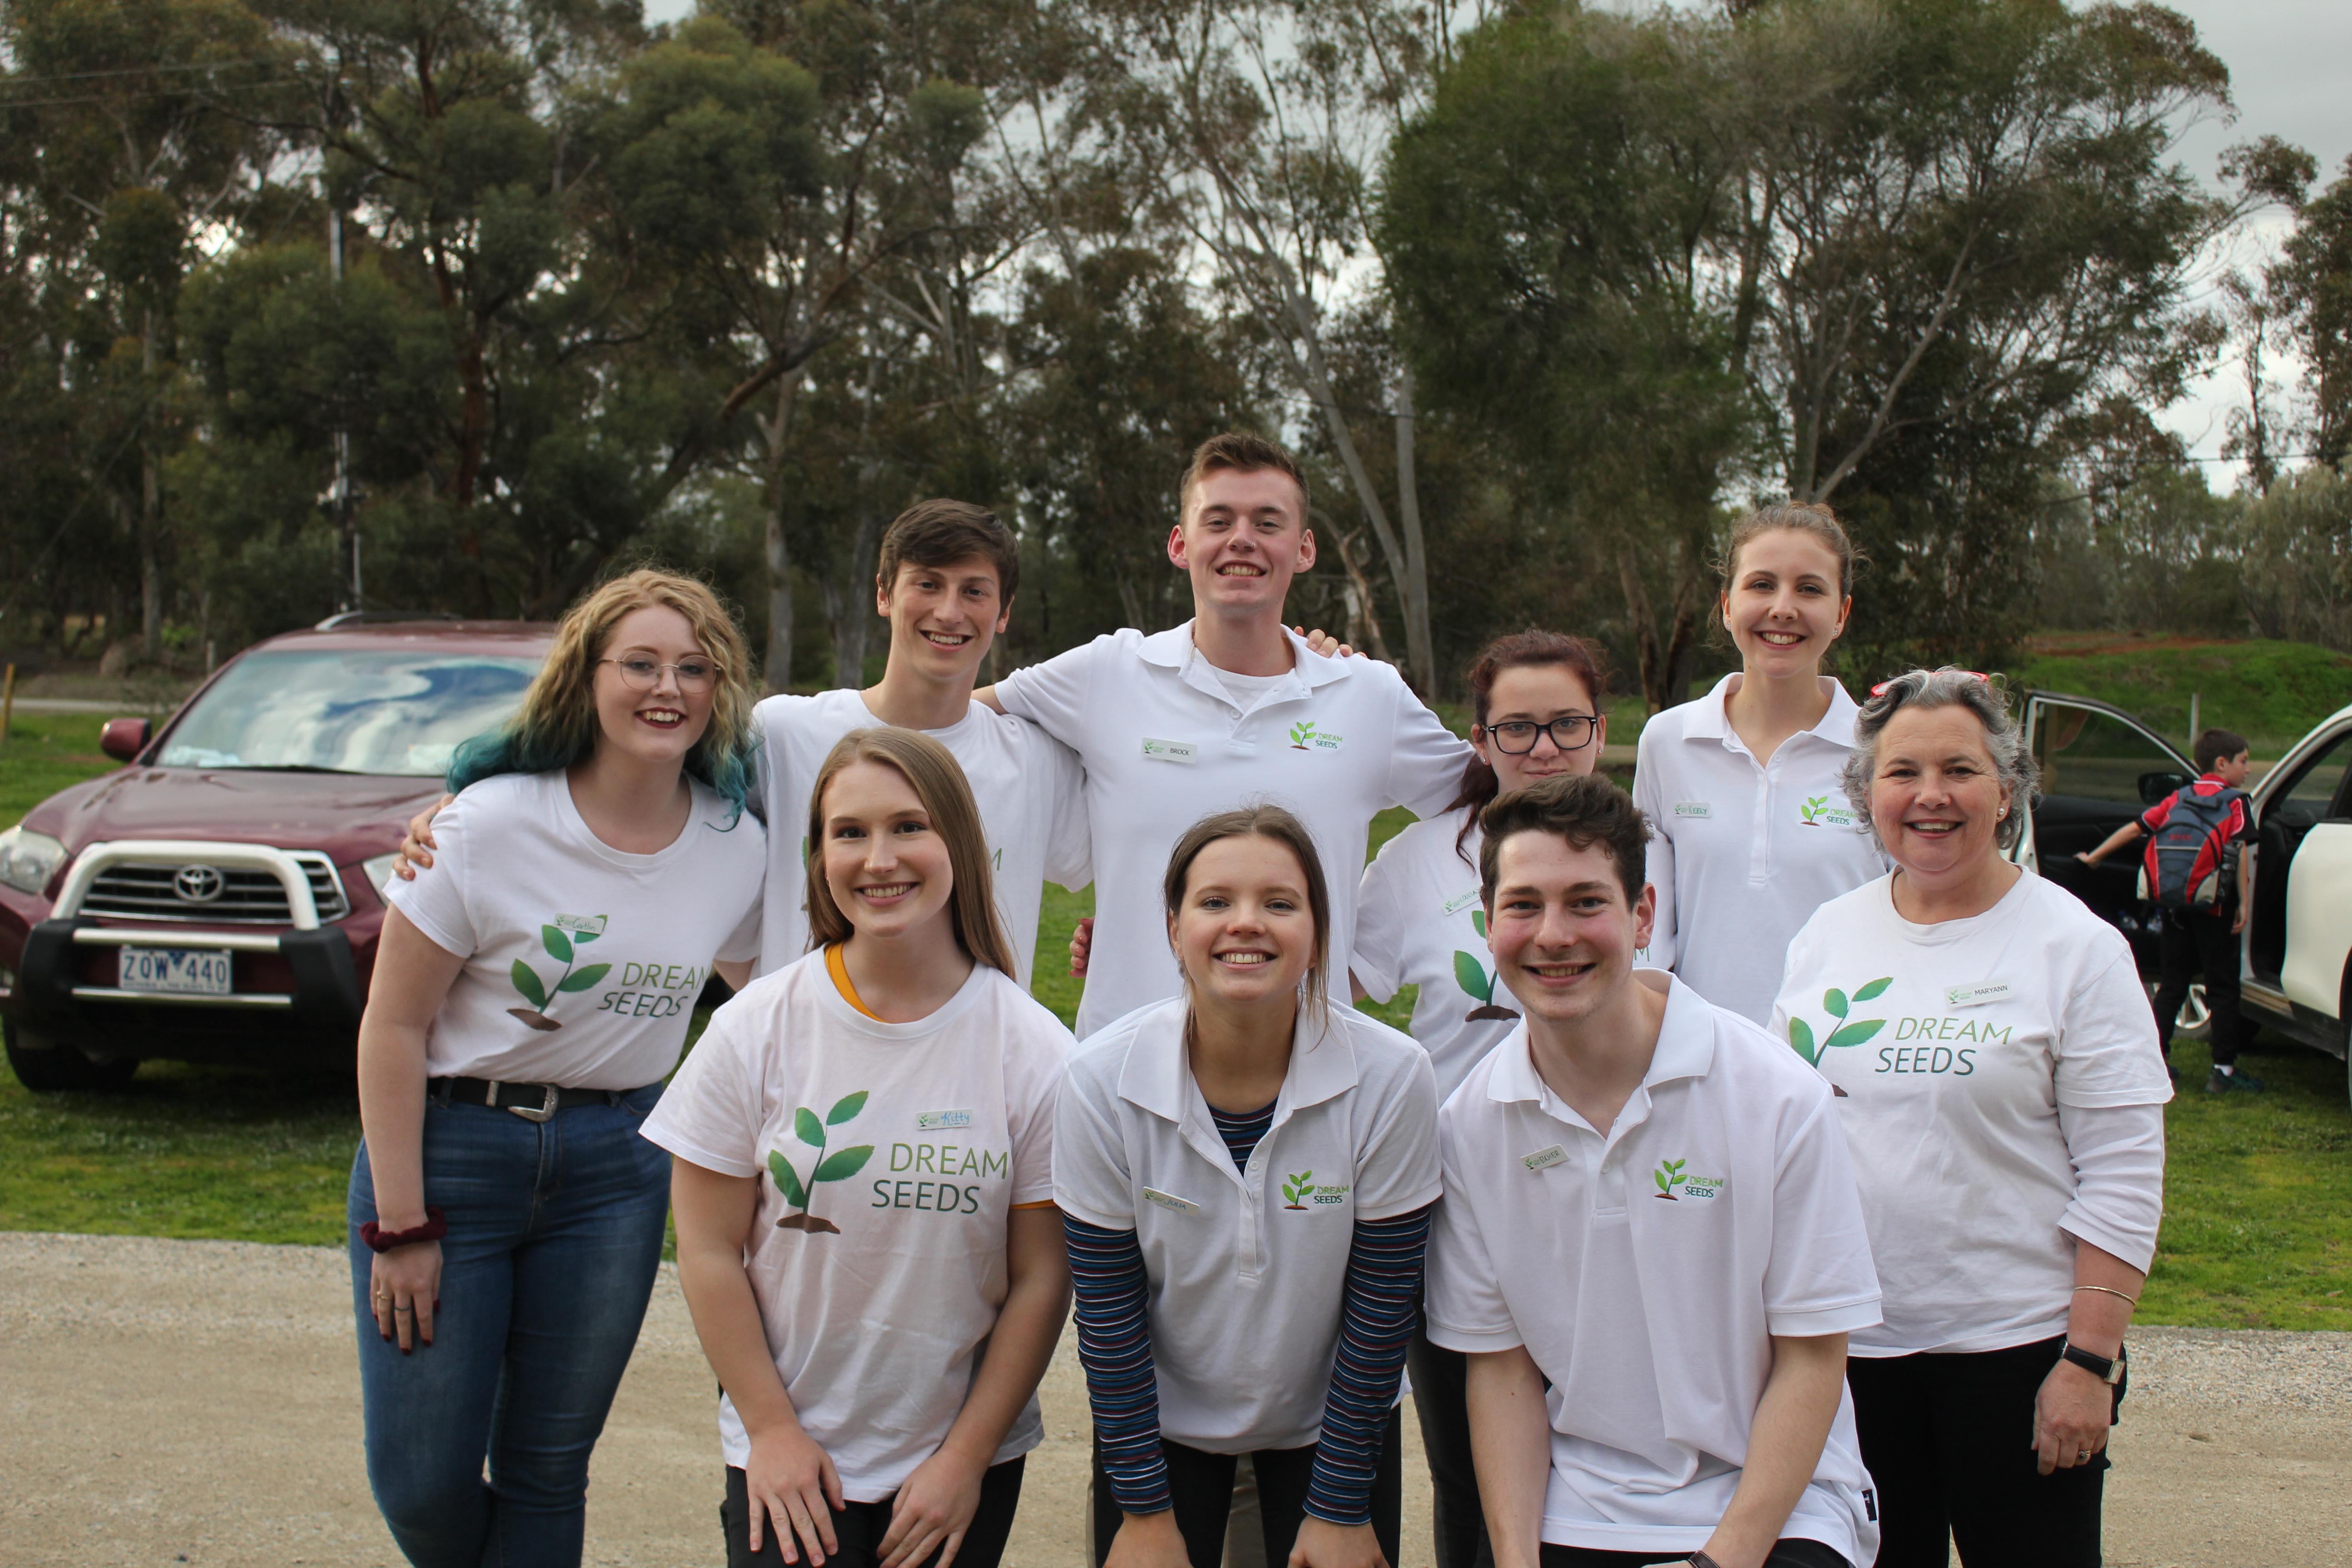 DreamSeeds team photo.